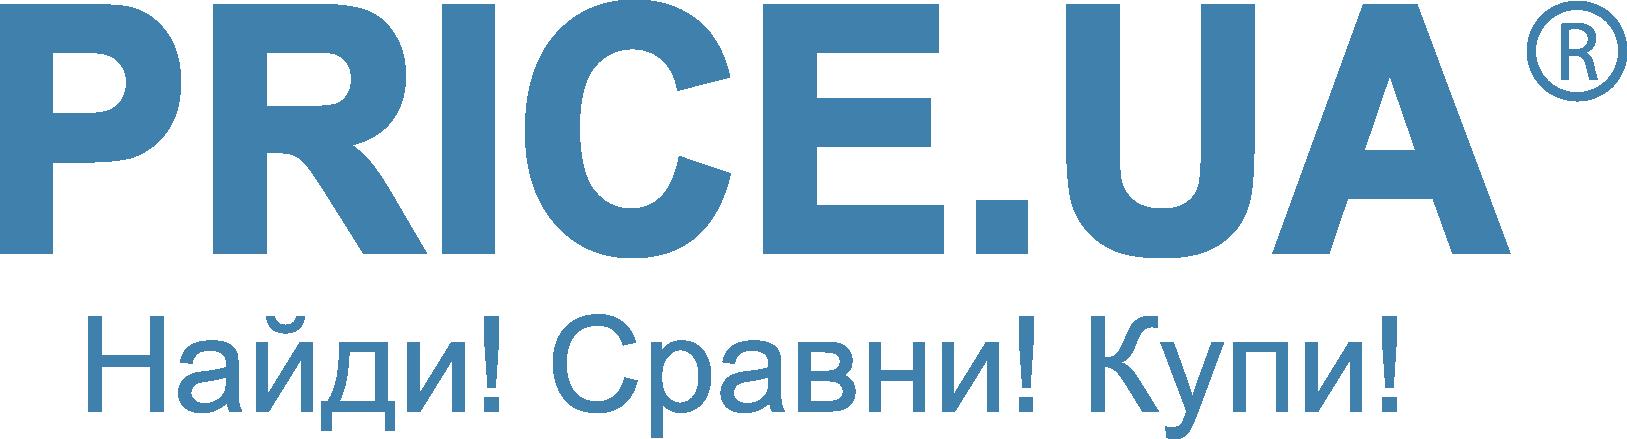 Выгрузка и размещение товаров с интернет-магазина на Price.ua